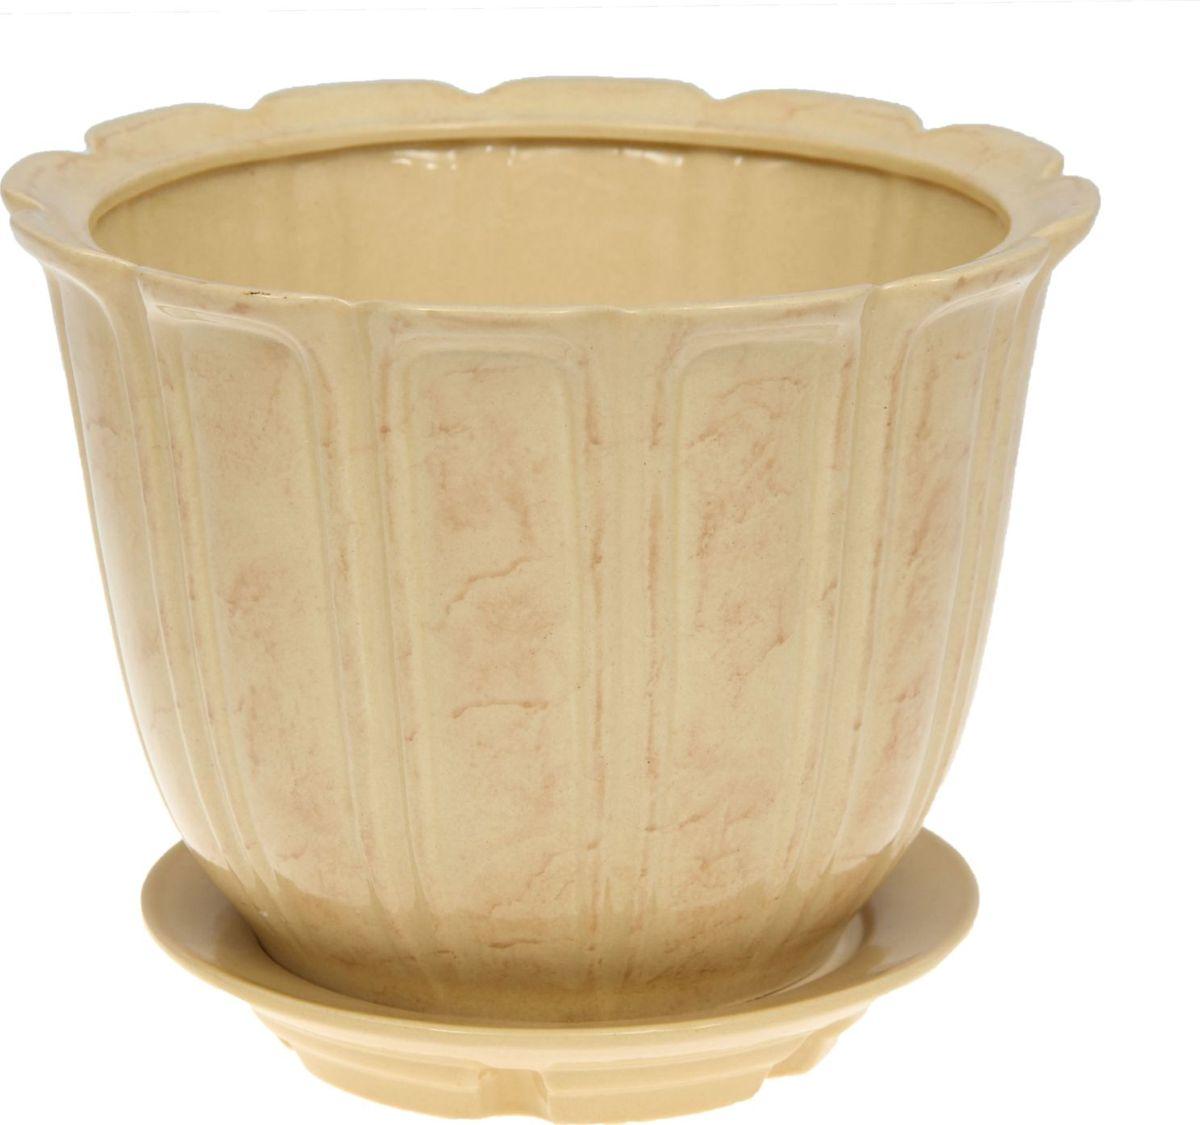 Кашпо Элита, цвет: бежевый, 5,5 л1136702Комнатные растения — всеобщие любимцы. Они радуют глаз, насыщают помещение кислородом и украшают пространство. Каждому из них необходим свой удобный и красивый дом. Кашпо из керамики прекрасно подходят для высадки растений: за счёт пластичности глины и разных способов обработки существует великое множество форм и дизайновпористый материал позволяет испаряться лишней влагевоздух, необходимый для дыхания корней, проникает сквозь керамические стенки! #name# позаботится о зелёном питомце, освежит интерьер и подчеркнёт его стиль.